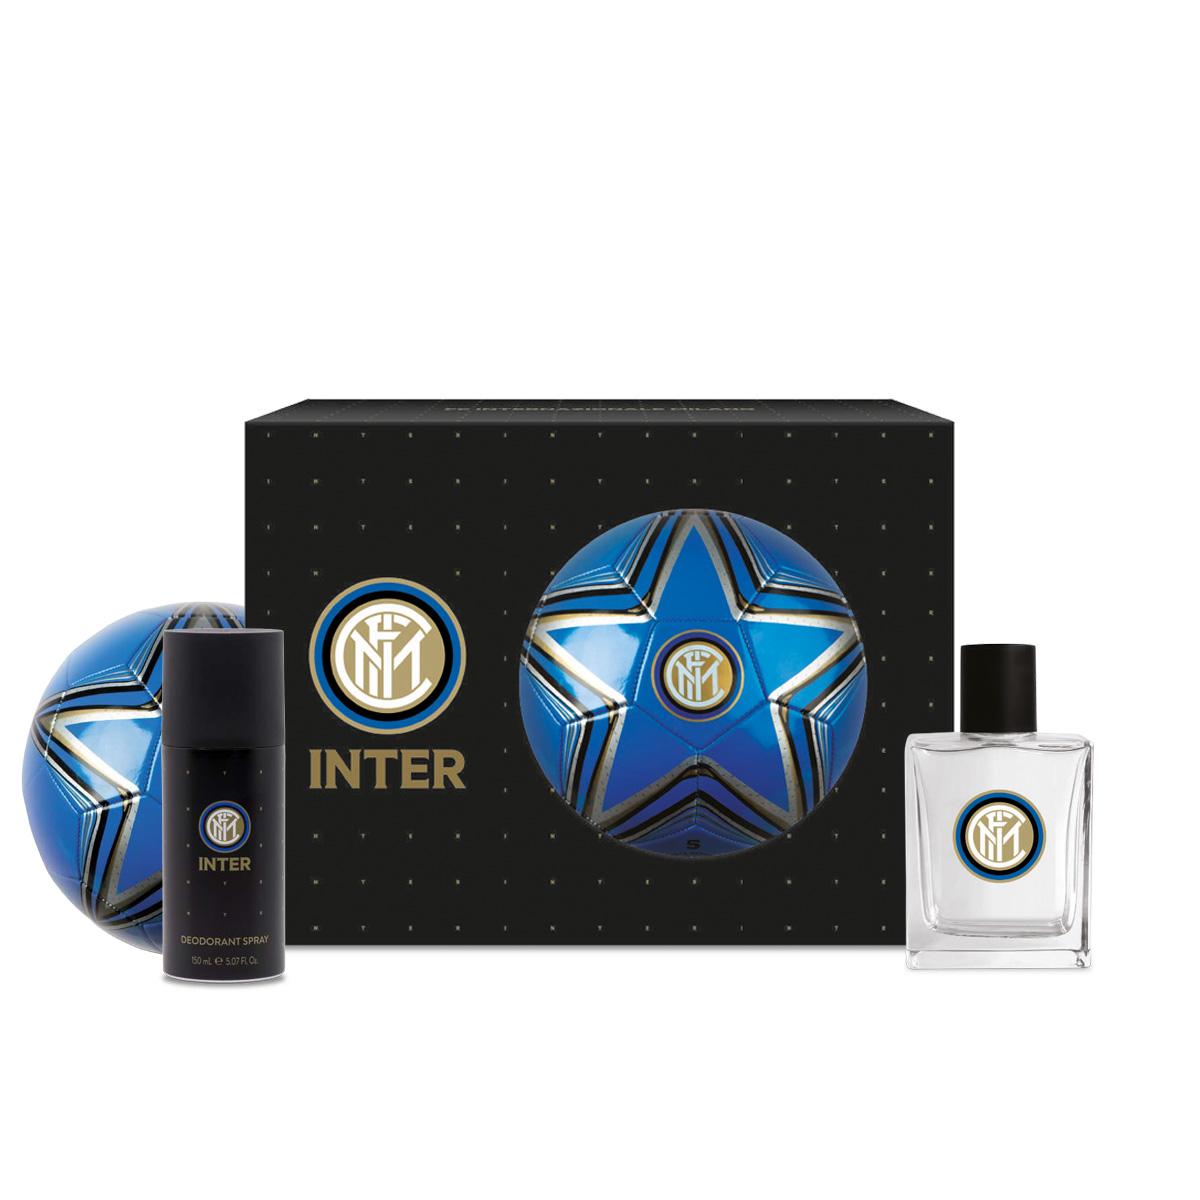 Confezione deodorante e eau de toilette Inter FC con pallone ufficiale: per il tifoso neroazzurro